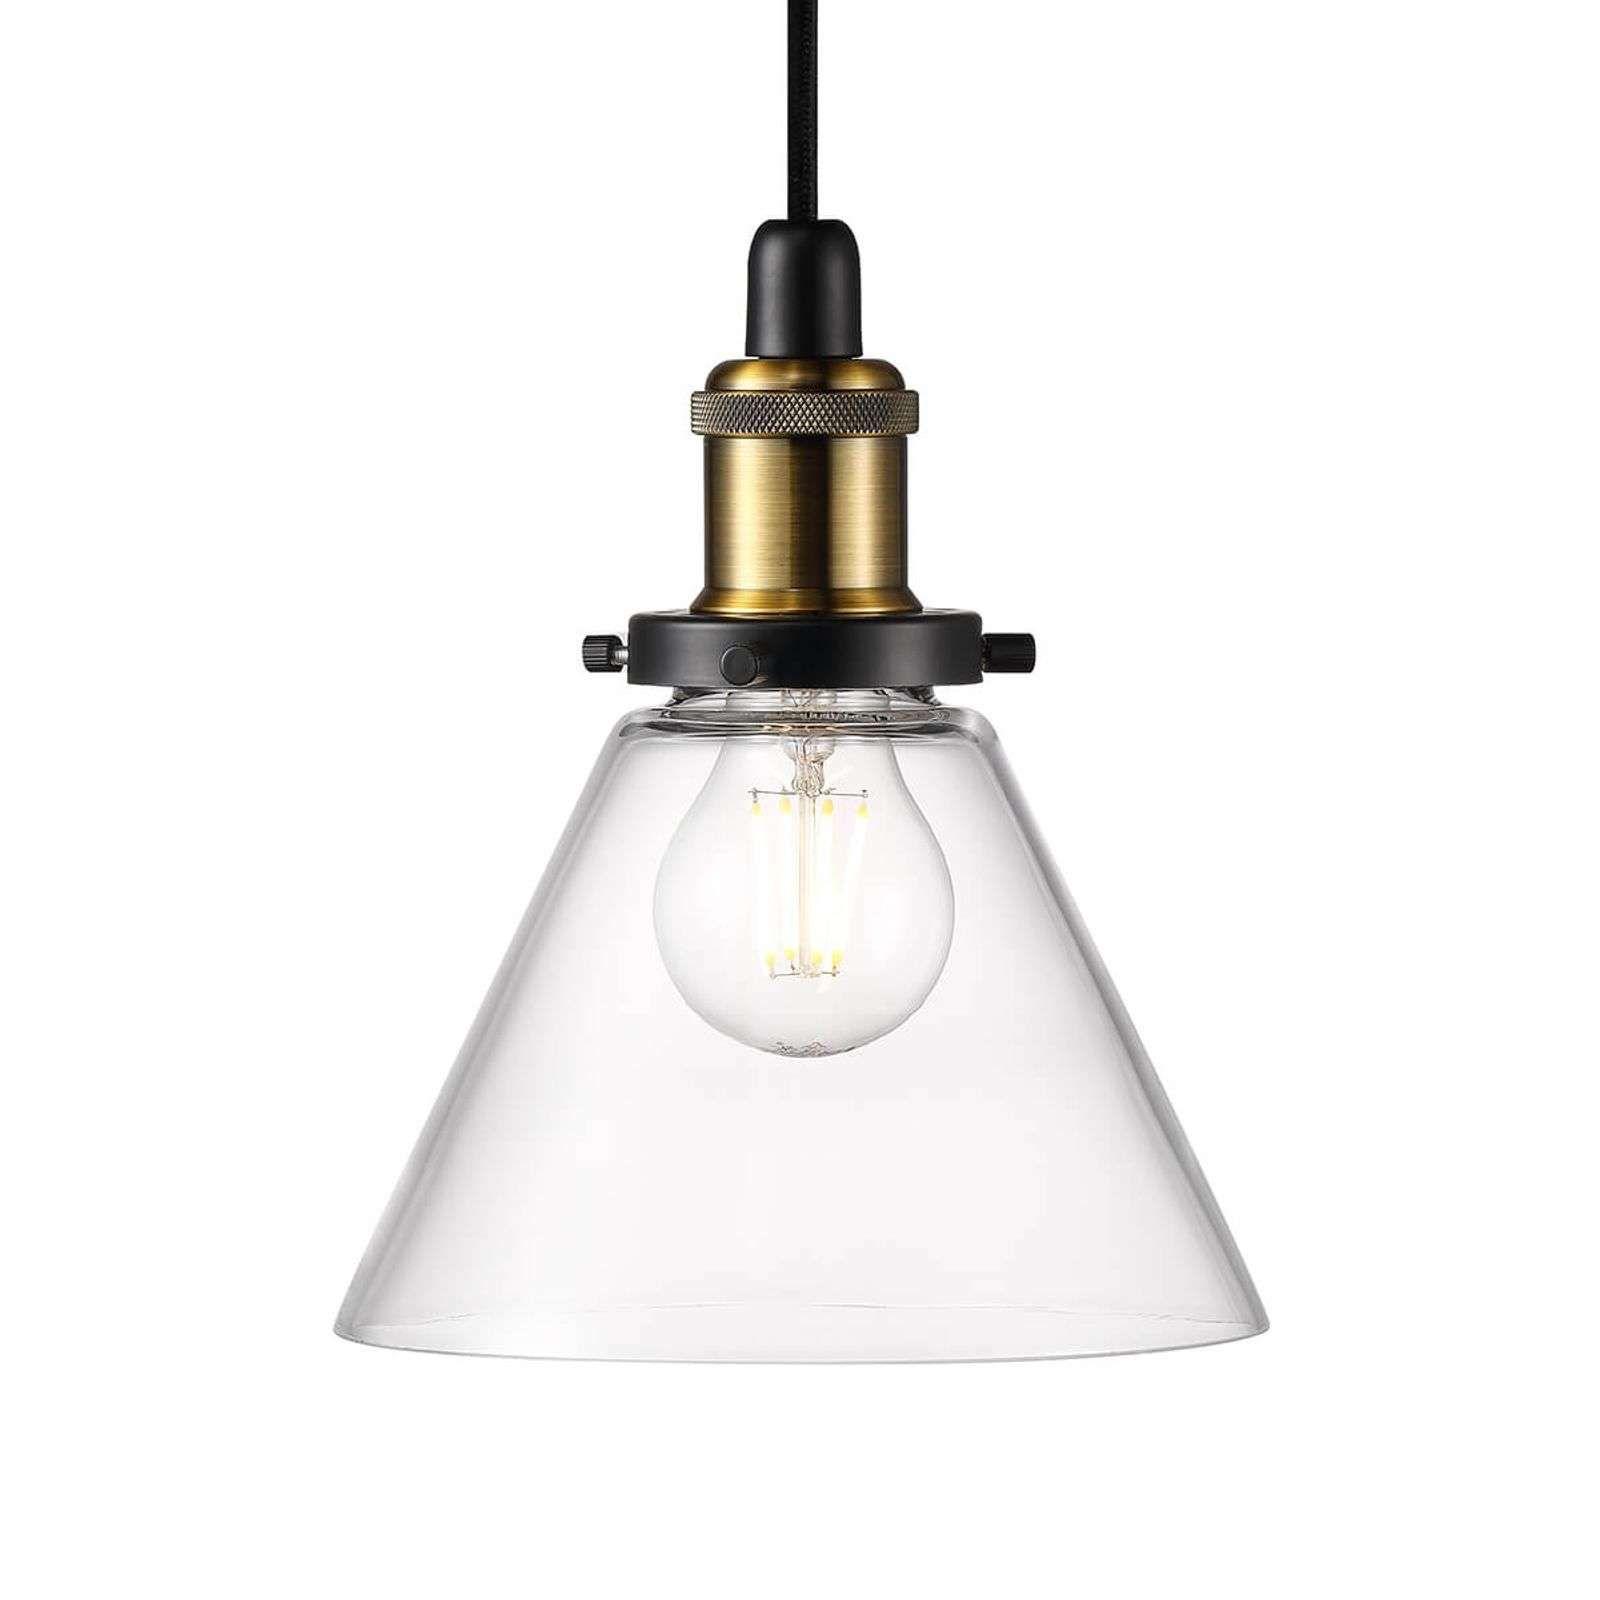 Hanglamp Zwart Staal Witte Hanglamp Gouden Binnenkant Hanglamp Wit Met Goud Kleine Glazen Hanglampen Hanglamp Zwart Hanglamp Lampenkap Hangende Lichten